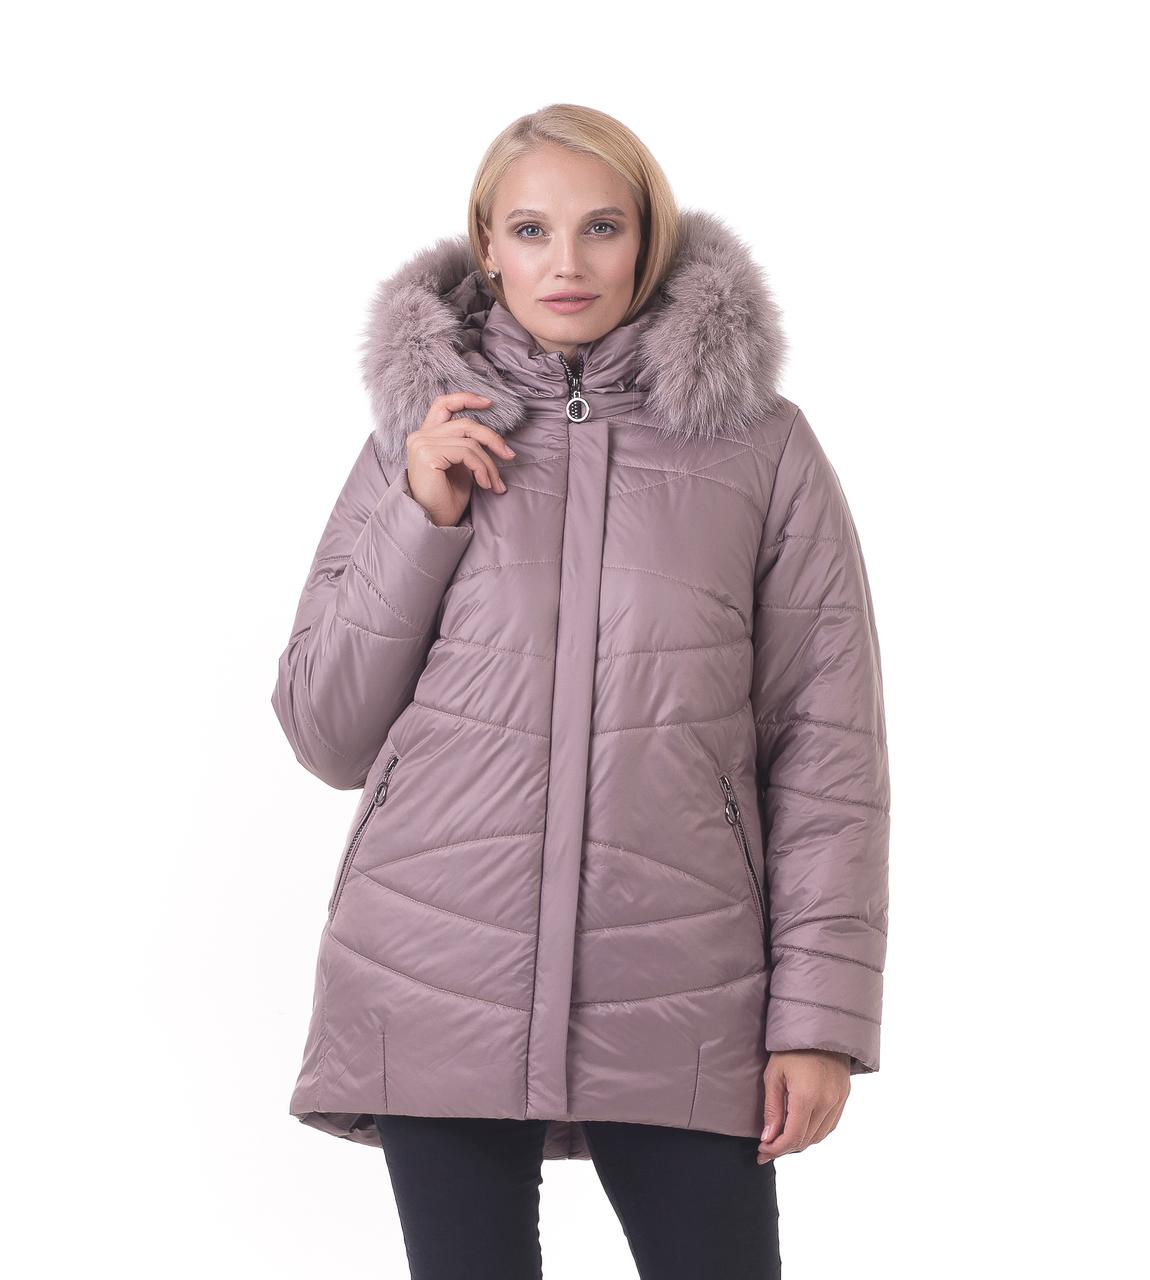 Молодіжна зимова куртка в світлому кольорі